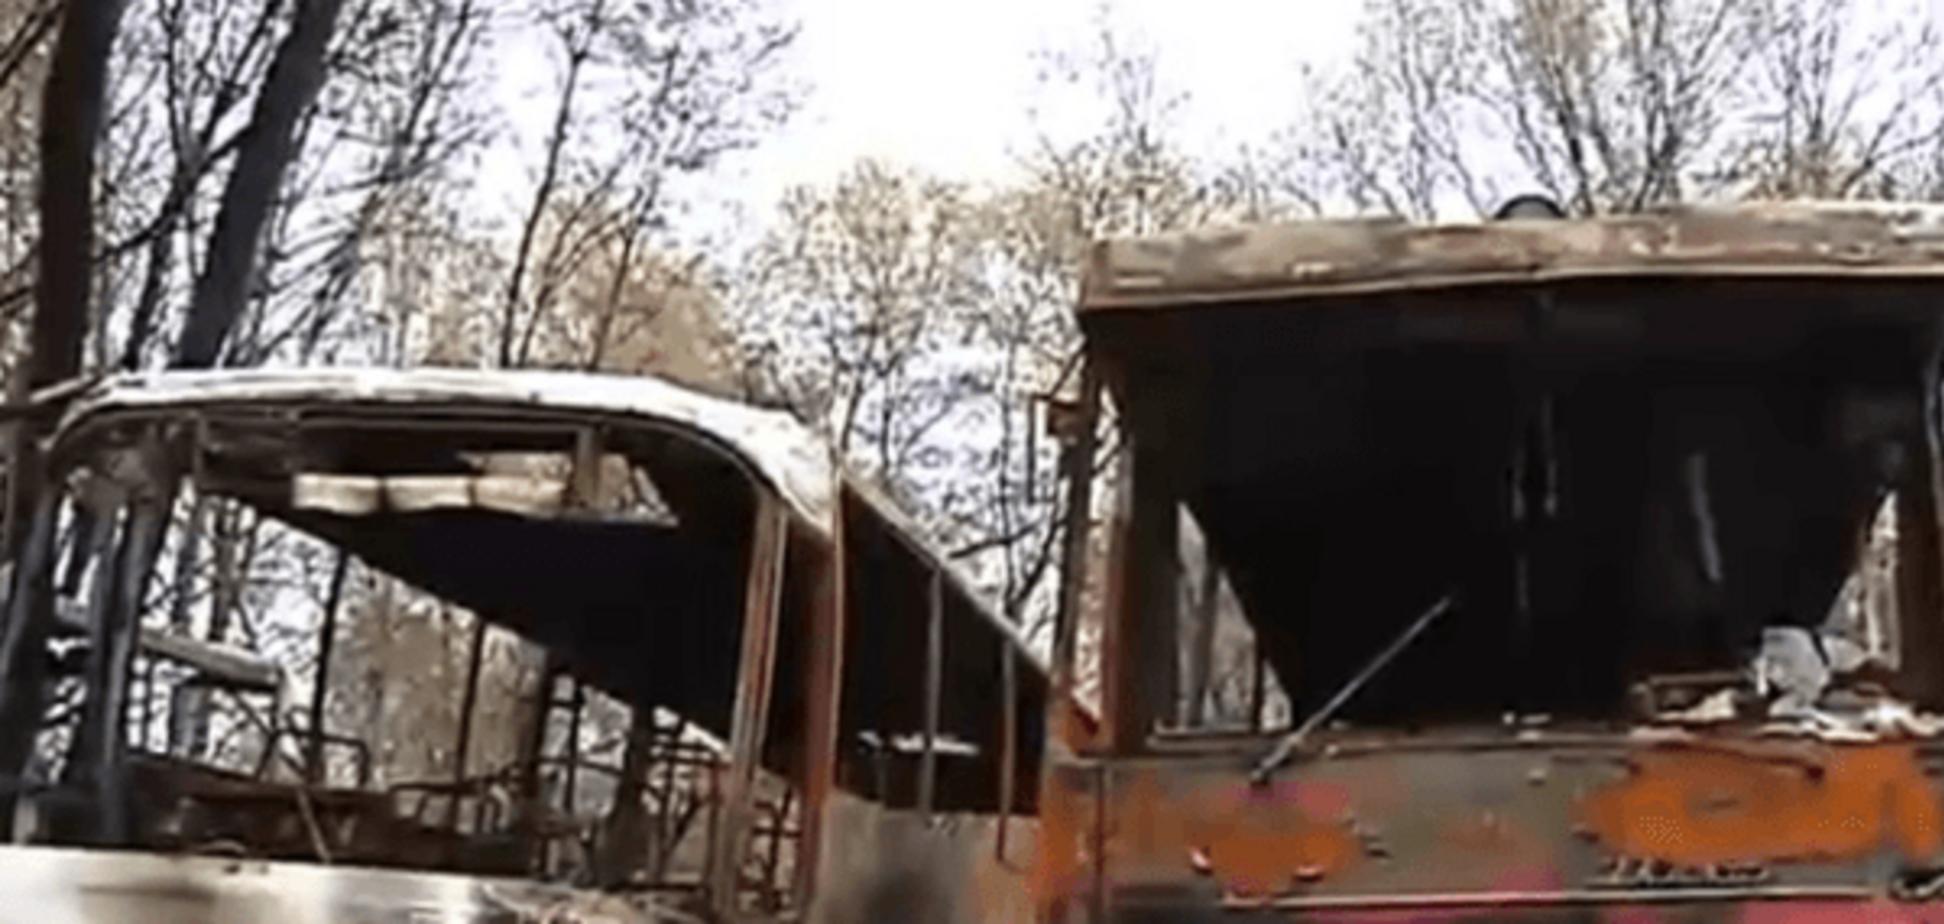 Мільйон гривень дотла: на Житомирщині автобуси закидали 'коктейлями Молотова'